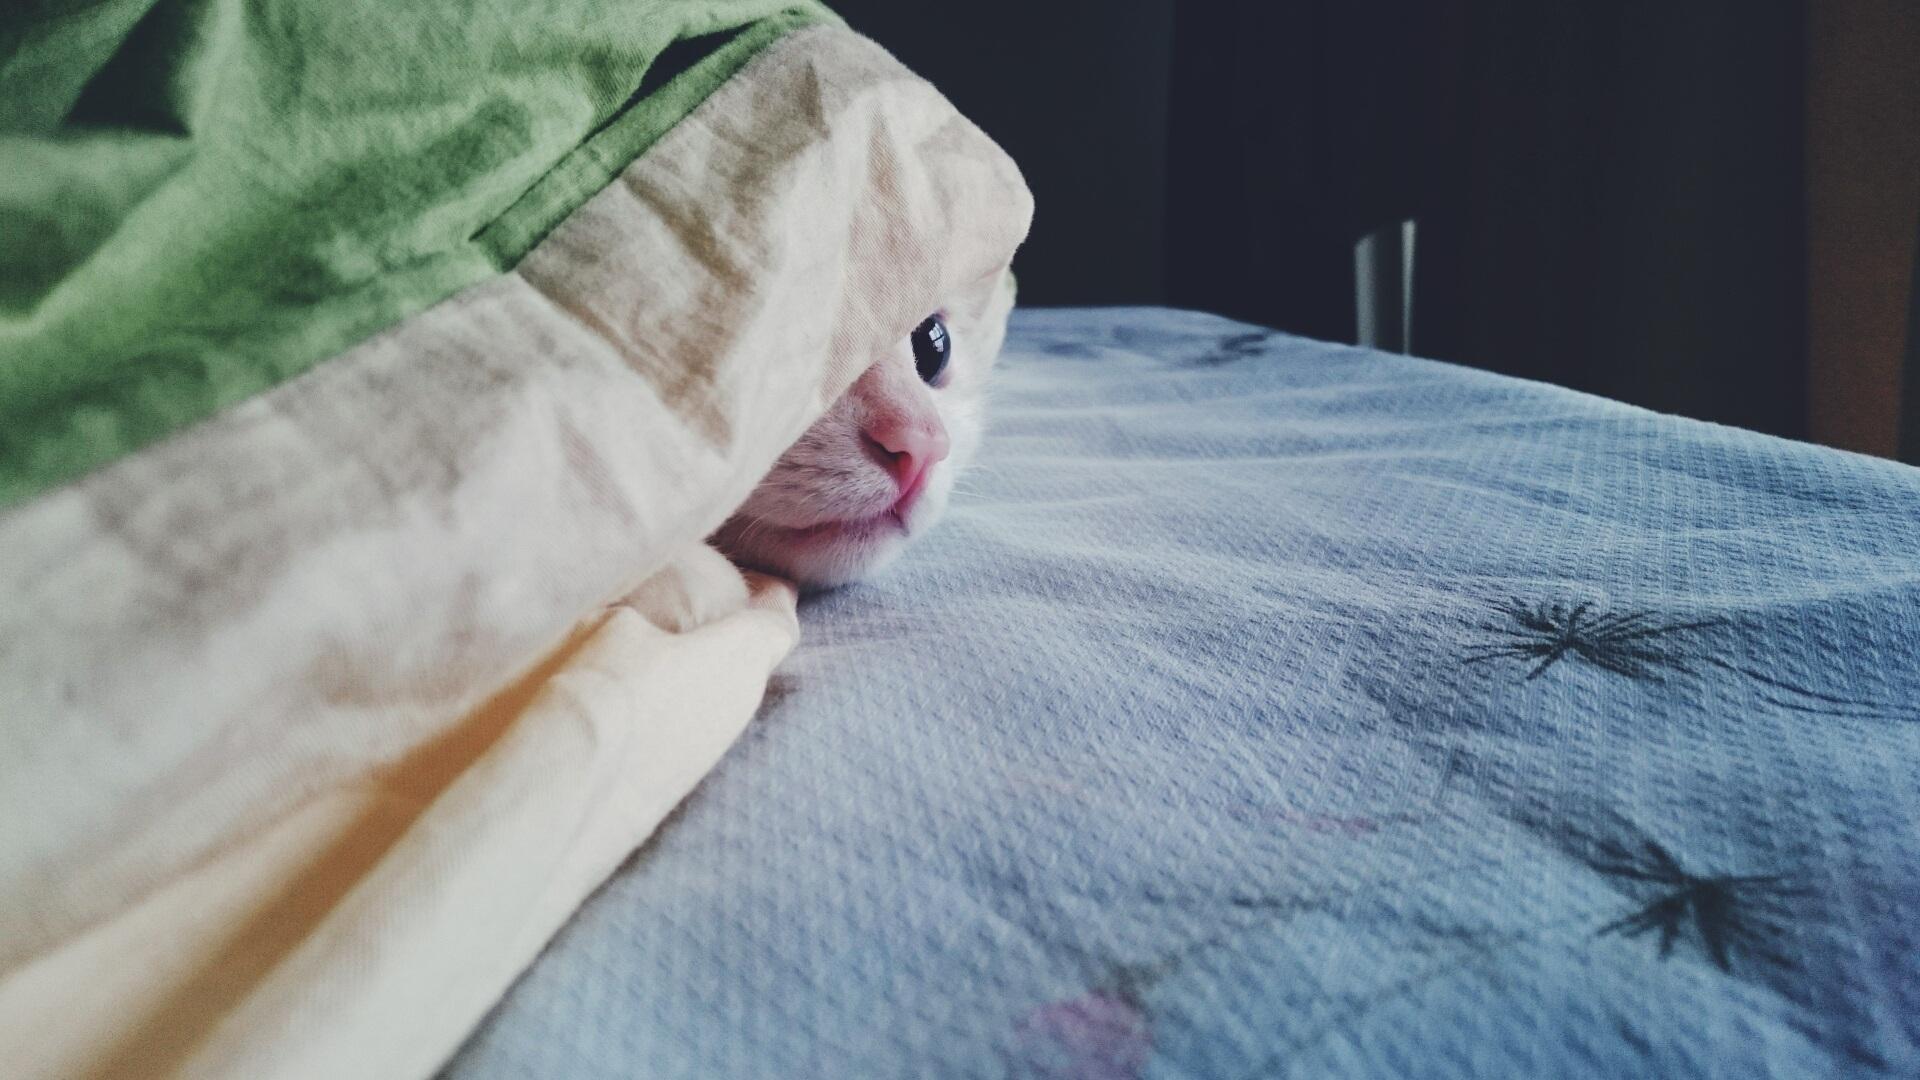 Gambar Cari Jual Anak Kucing Persia Hidung Pesek Warna